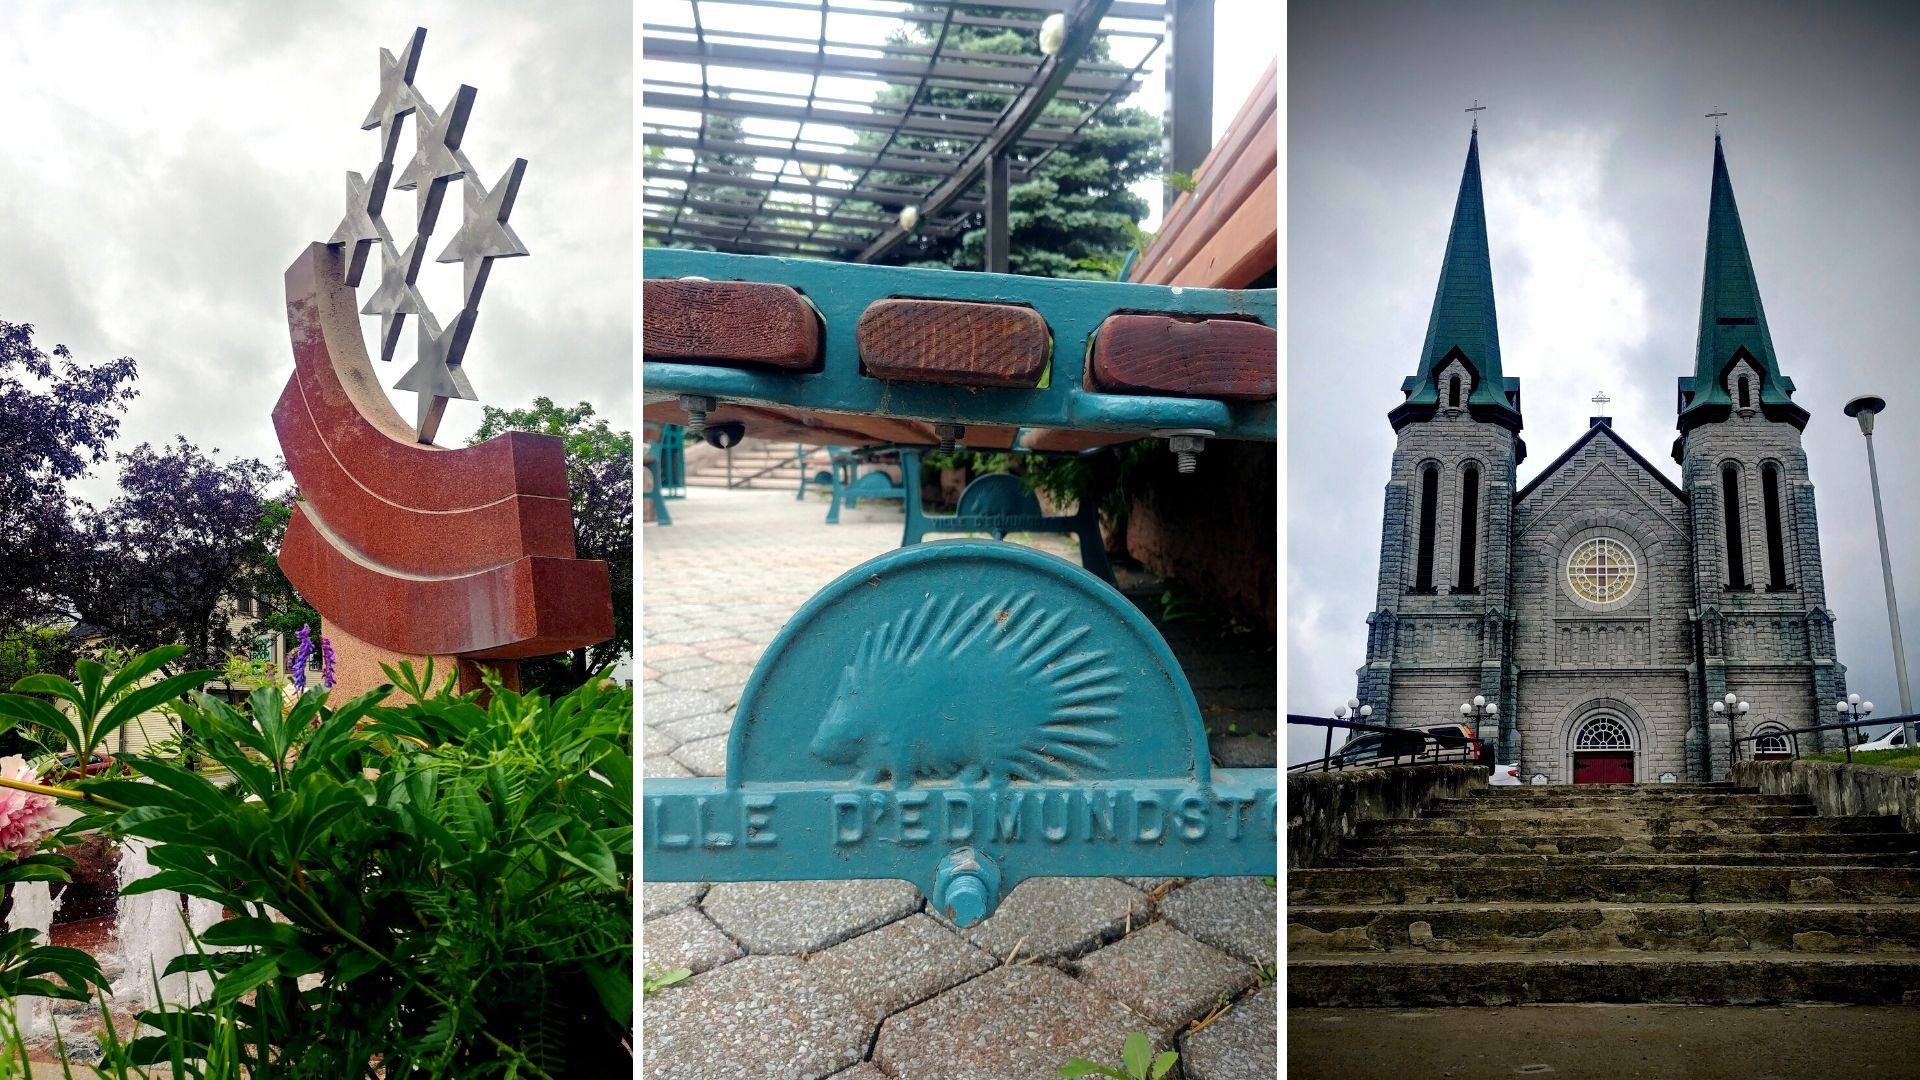 Visiter Edmundston Nouveau-Brunswick centre-ville balado